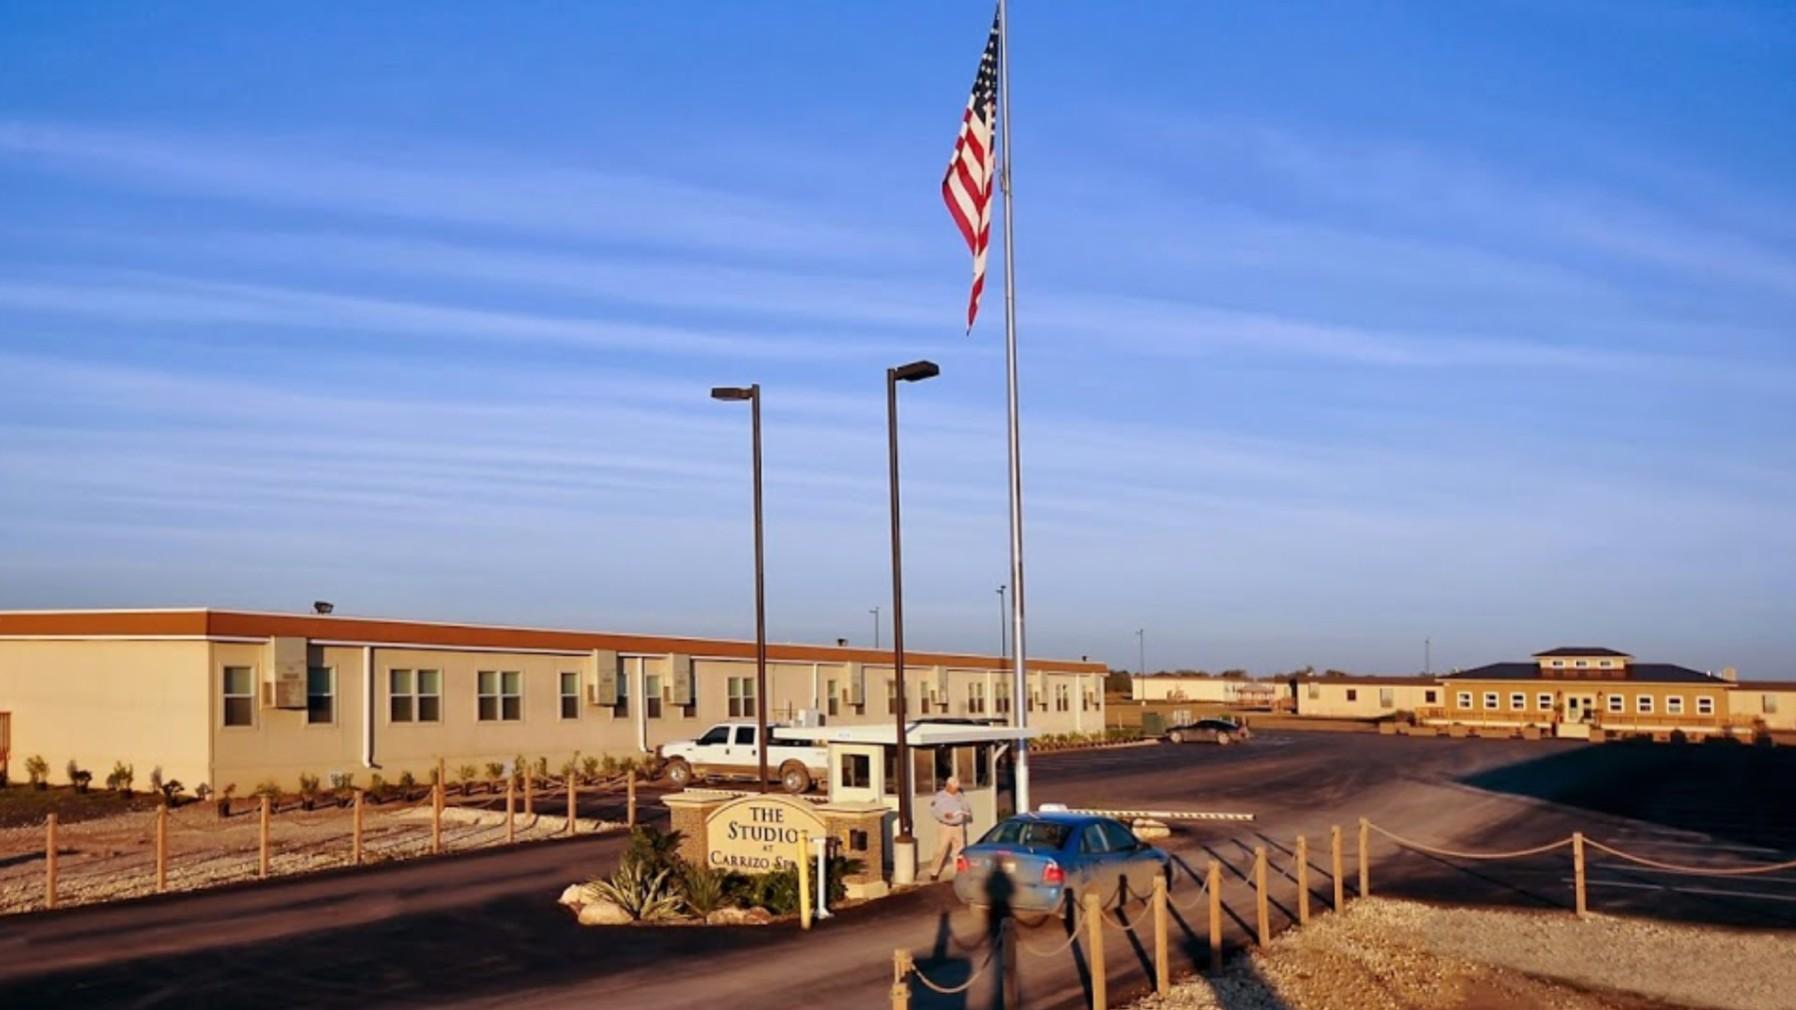 """特朗普政府正在将德克萨斯州的前""""男子营""""转变为移民儿童庇护所 -1559937521466-Screen-Shot-2019-06-07-at-35812-PM.png?crop=1xw:0"""